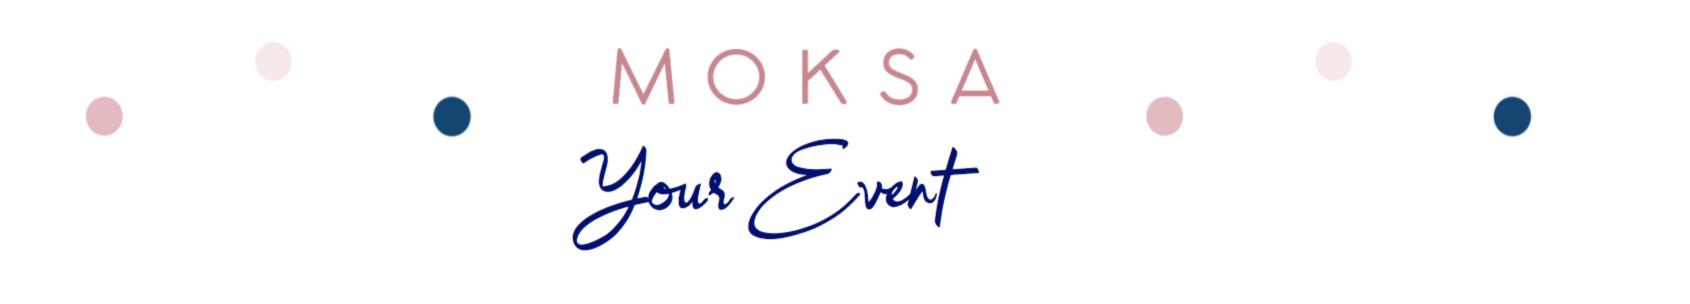 Moksa_event1